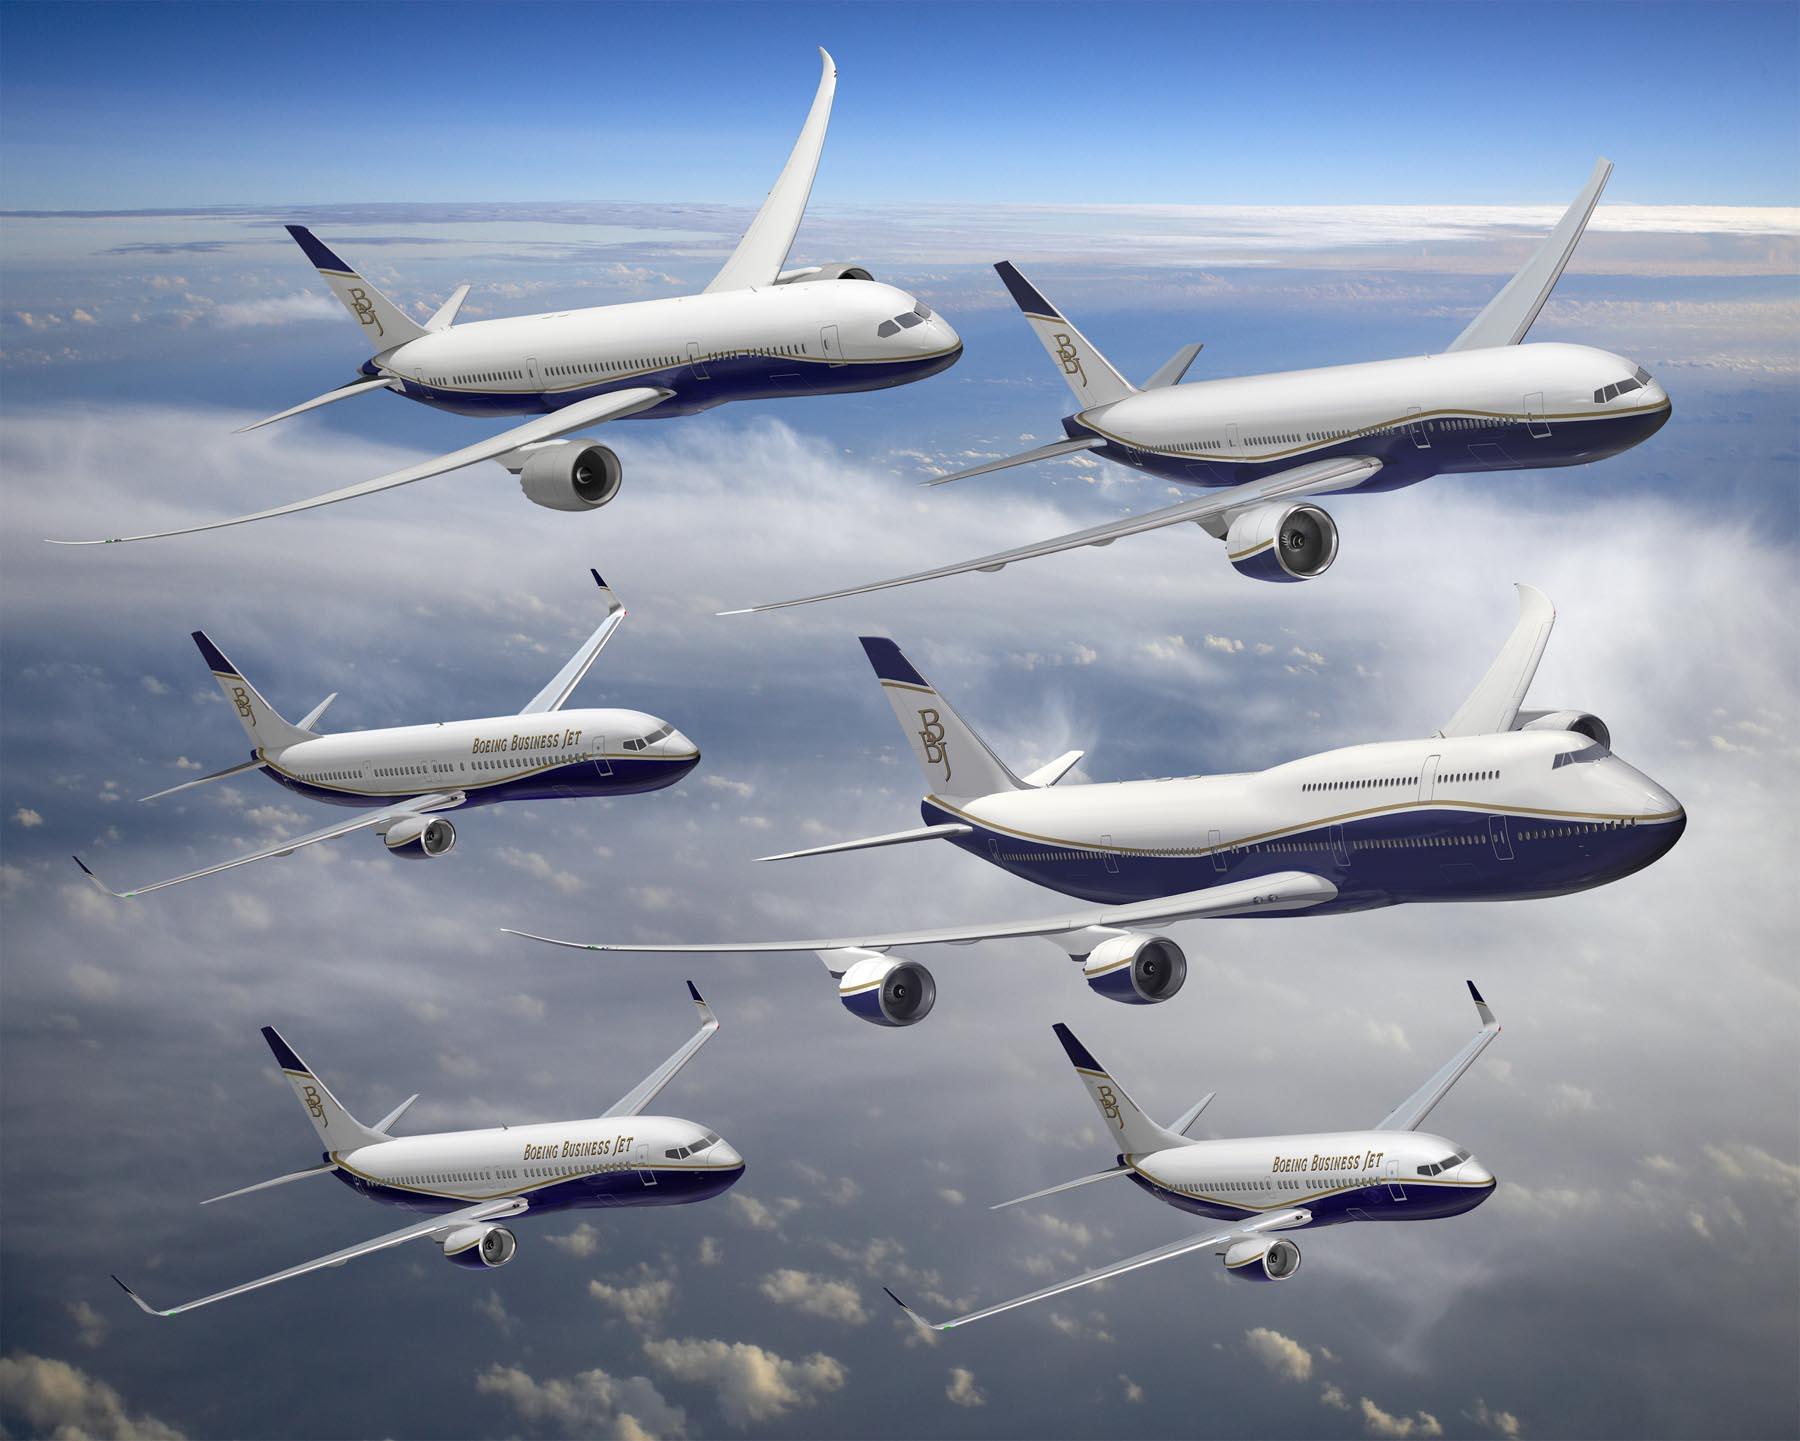 Boeing Business Jet Family K63803